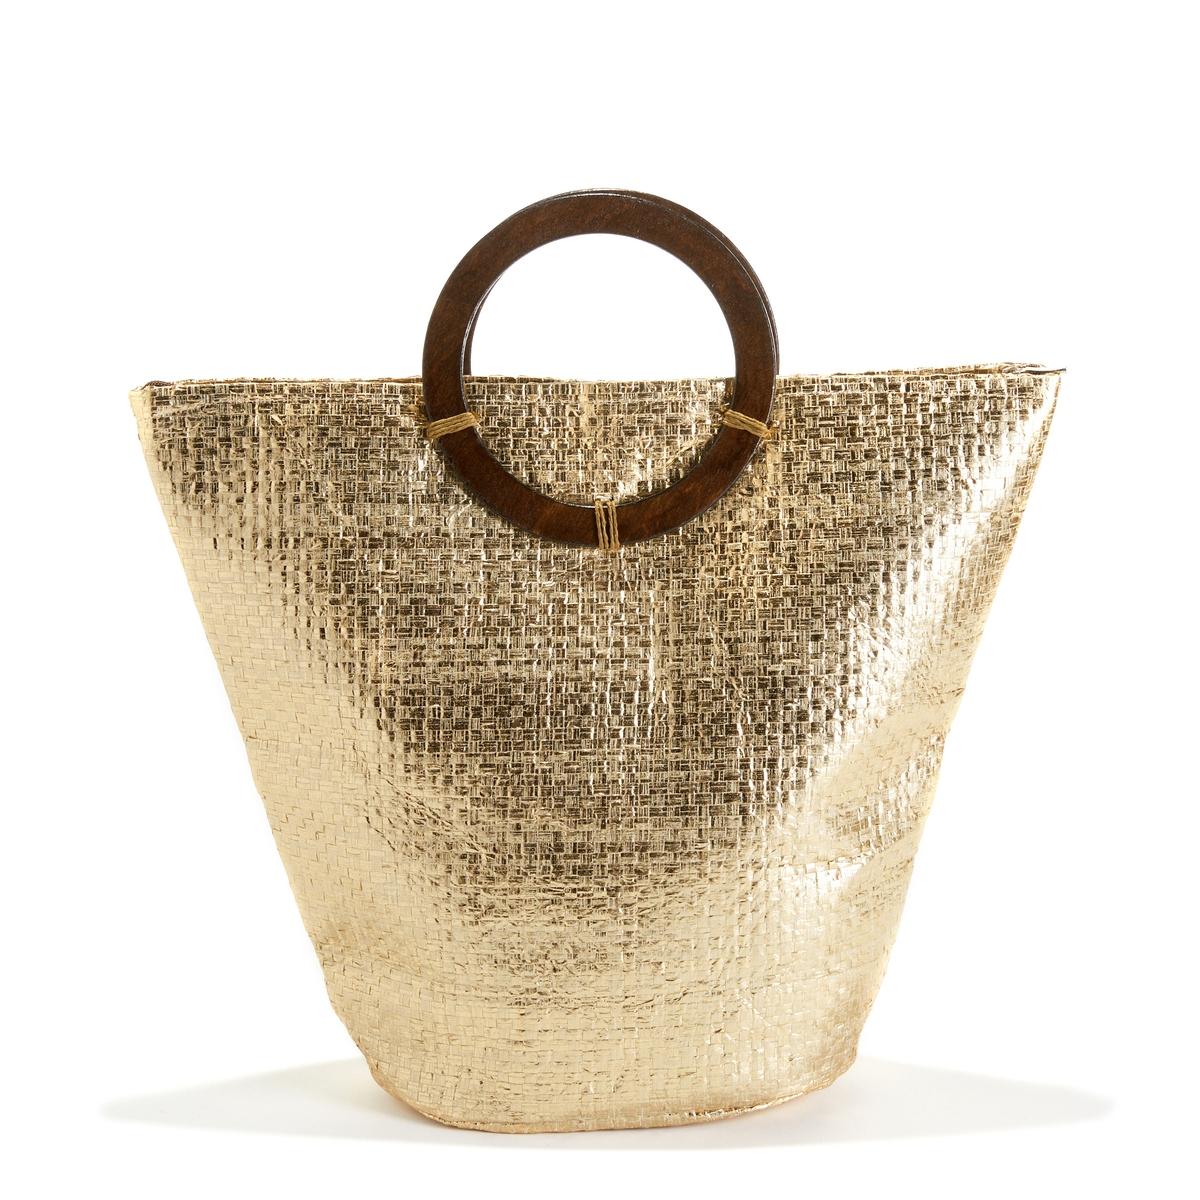 Корзина золотистого цветаОписание:Отличная сумка-корзина золотистого цвета с круглыми ручками сделает ваши походы по магазинам еще приятнее !Состав и описание :Материал верха  : солома Подкладка : 50% хлопка, 50% полиэстераРазмеры  : Ш42 x В38 x Г15 смЗастежка :  на молниюНосить : в руках<br><br>Цвет: золотистый